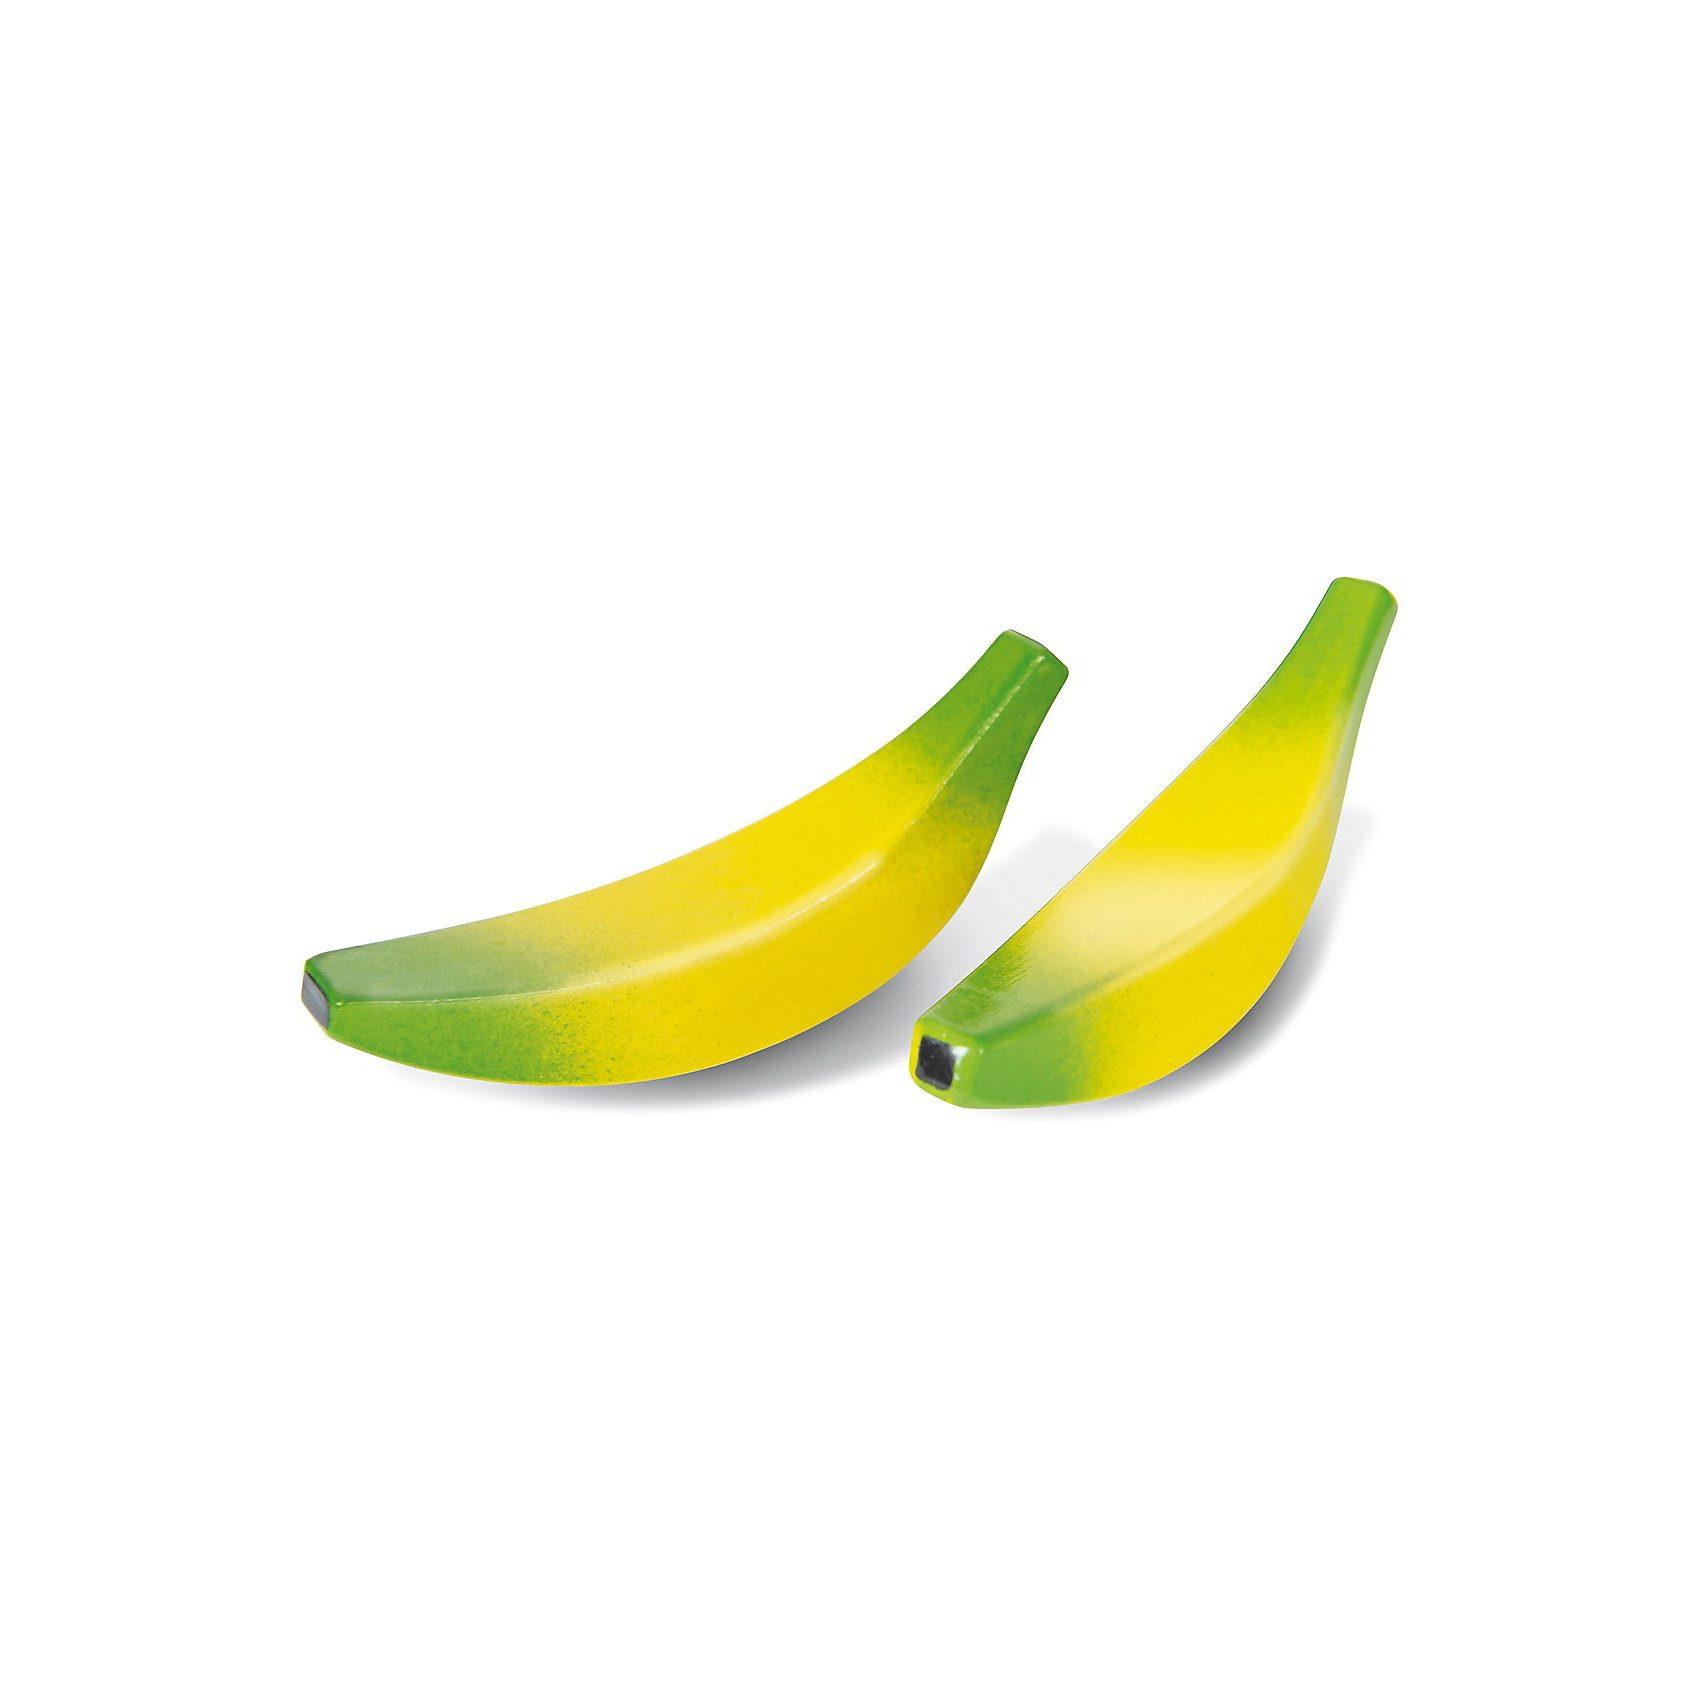 Nemmer Spiellebensmittel Bananen Set 2 Stück, Holz